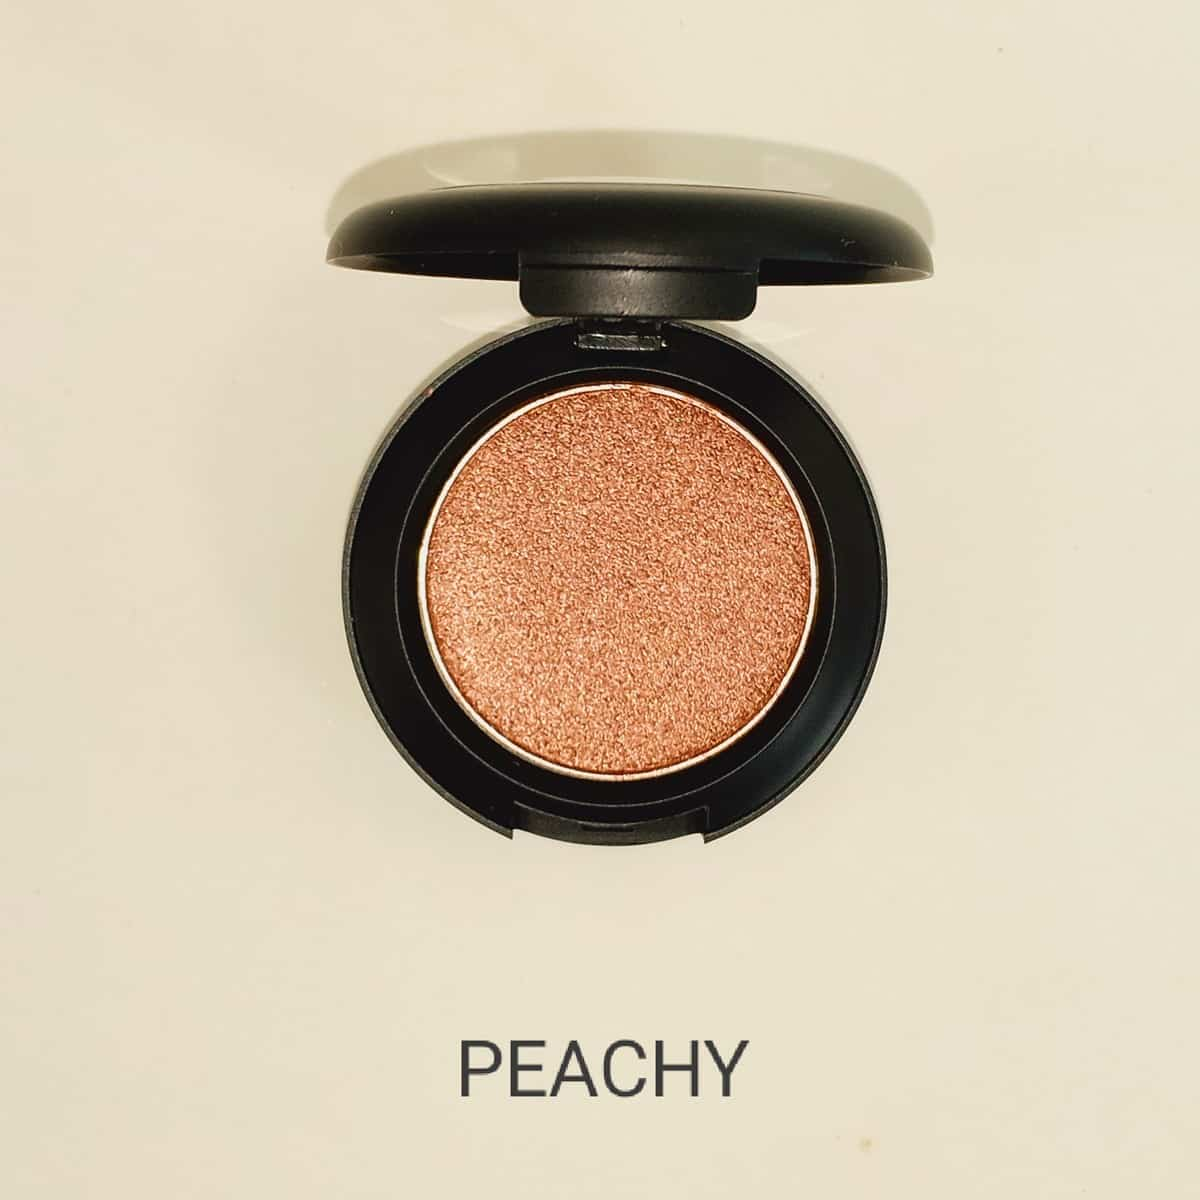 Peachy-min